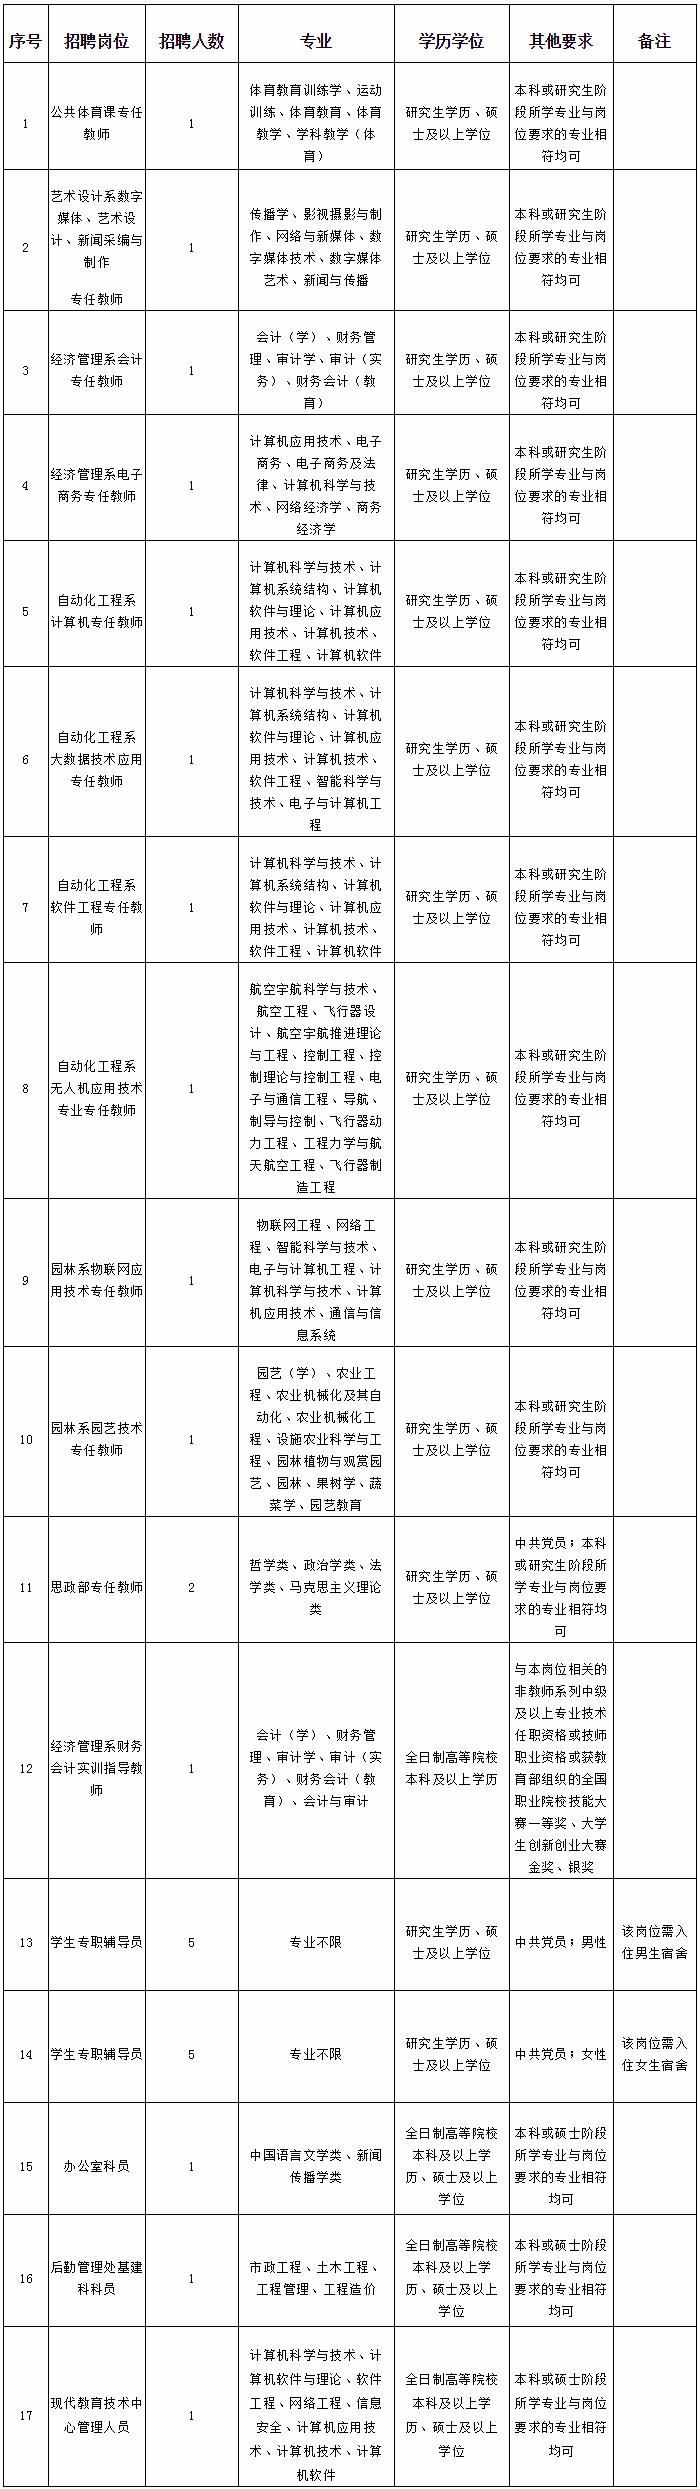 2020年福建林业职业技术学院招聘工作官网26人方案